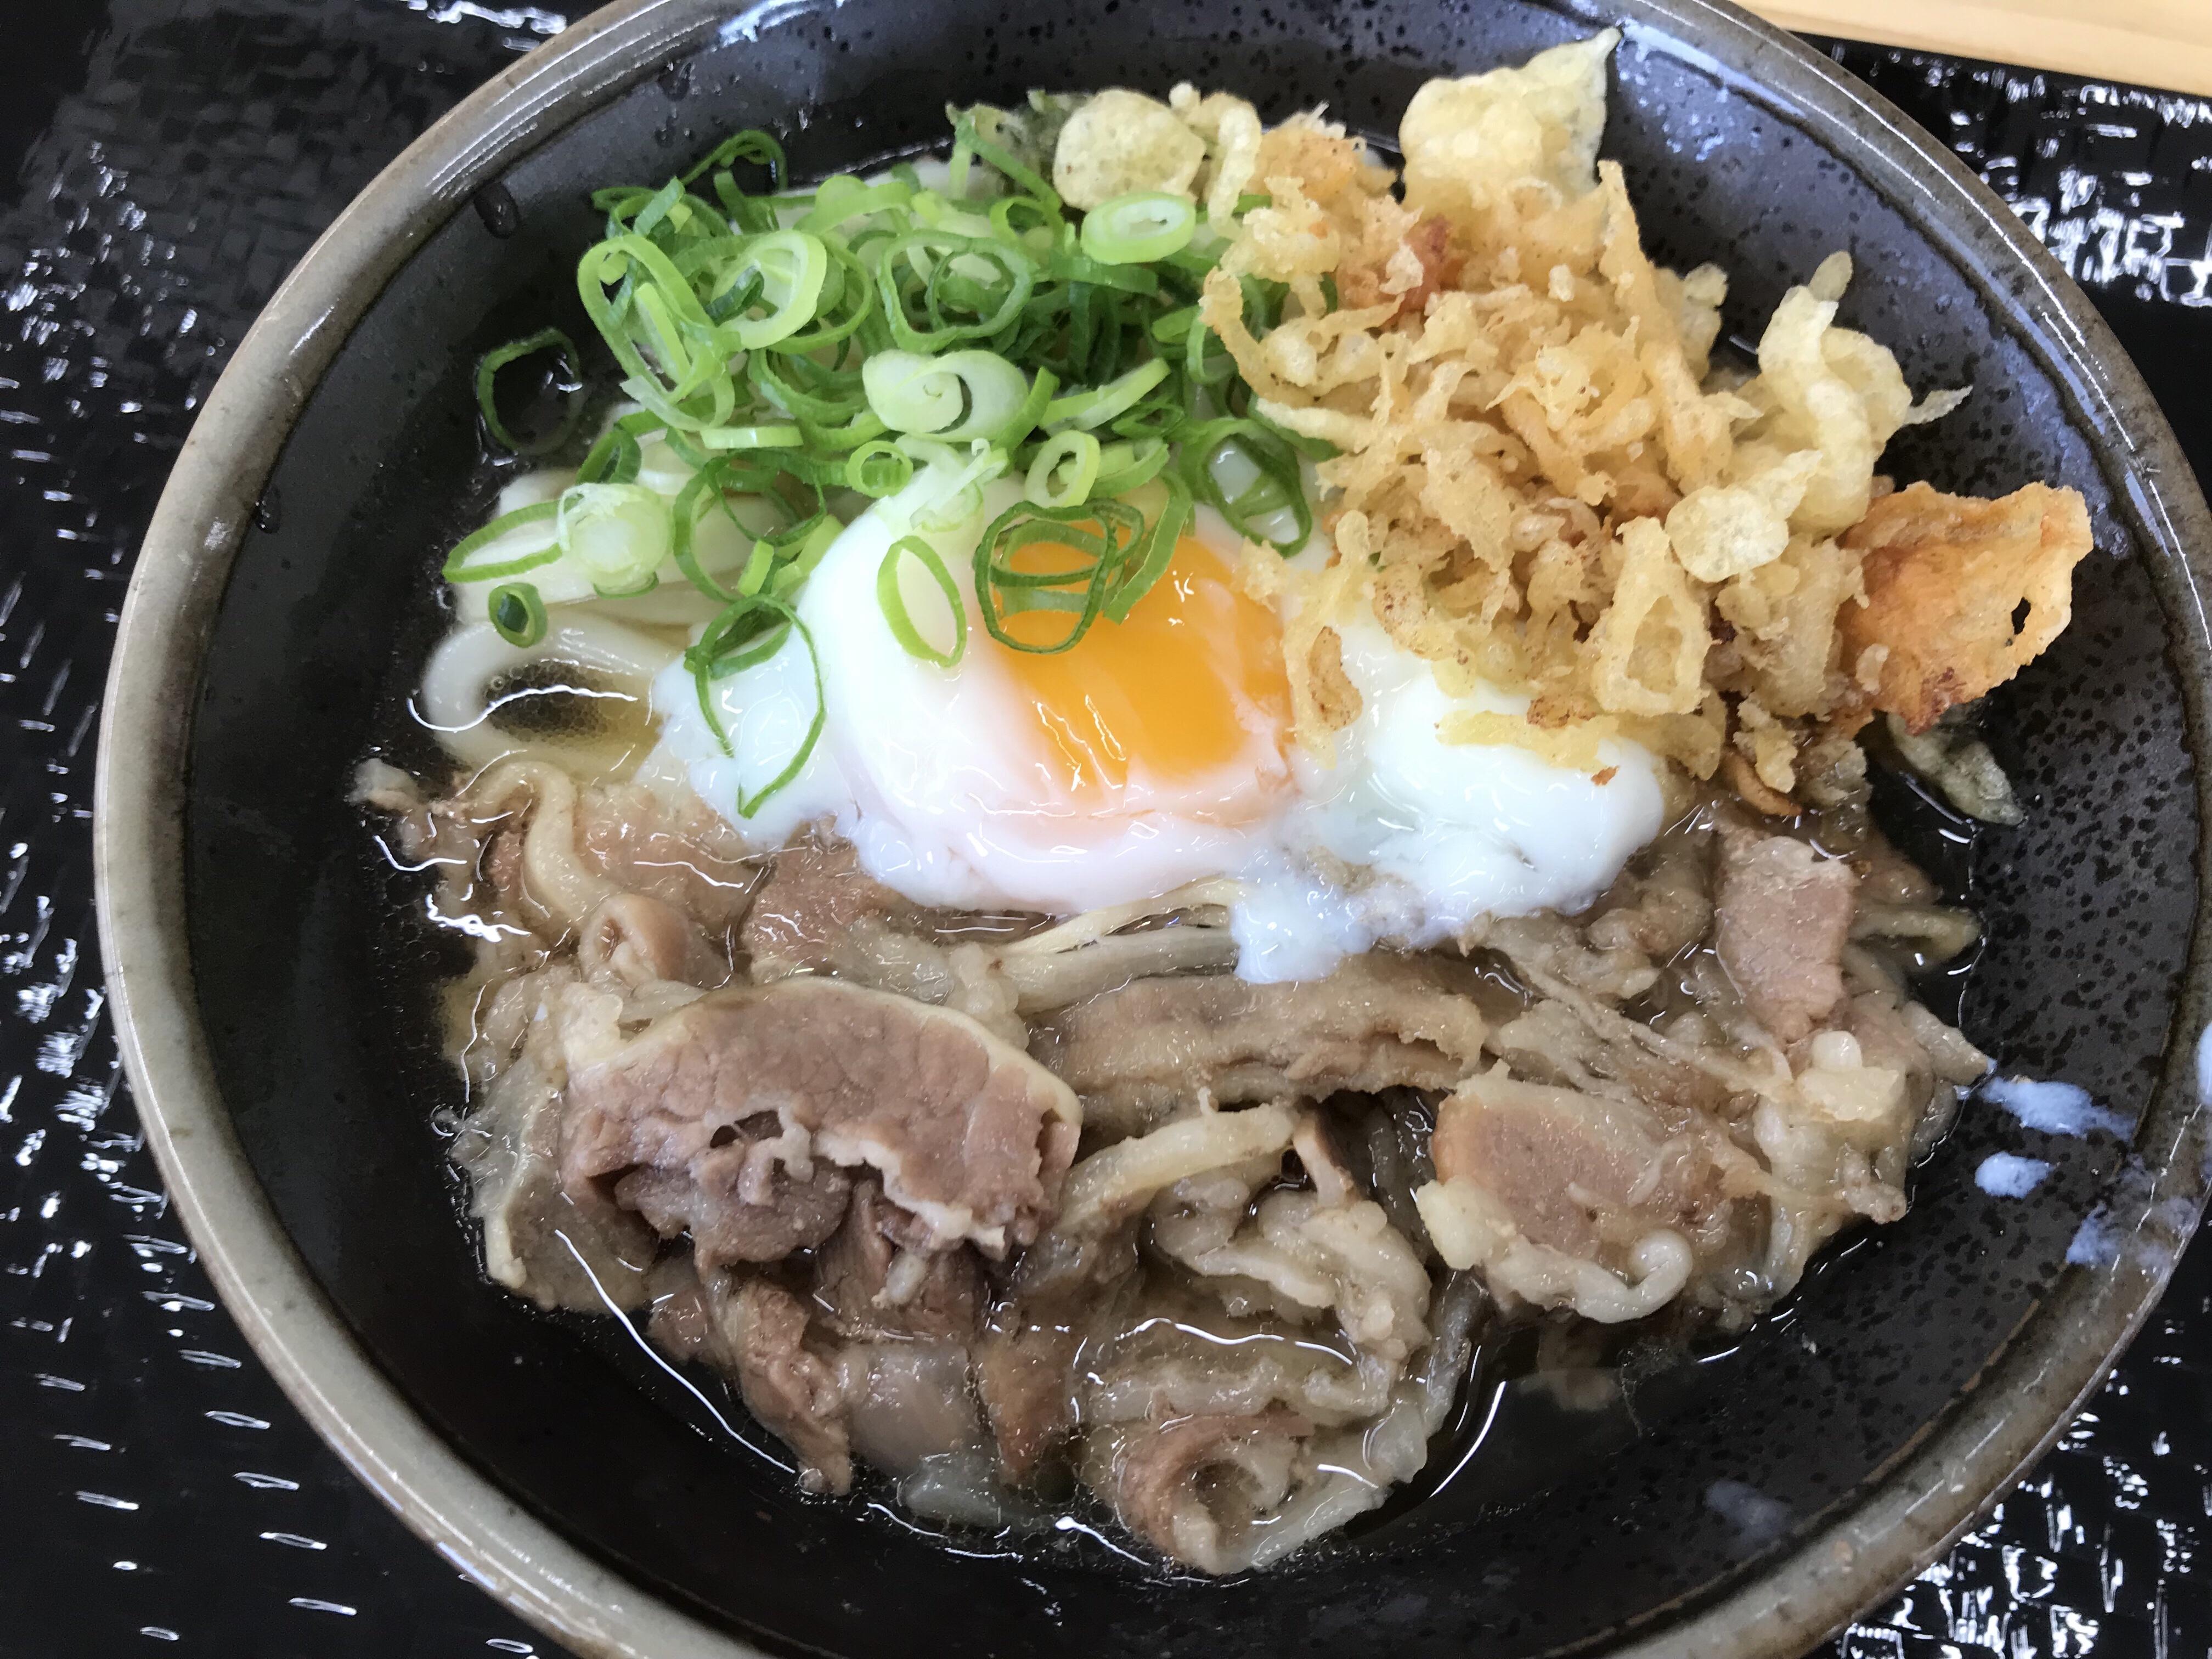 新居浜市にも「こがね製麺所」が登場!ツルツルの「肉温玉ぶっかけ」を食べてきました!